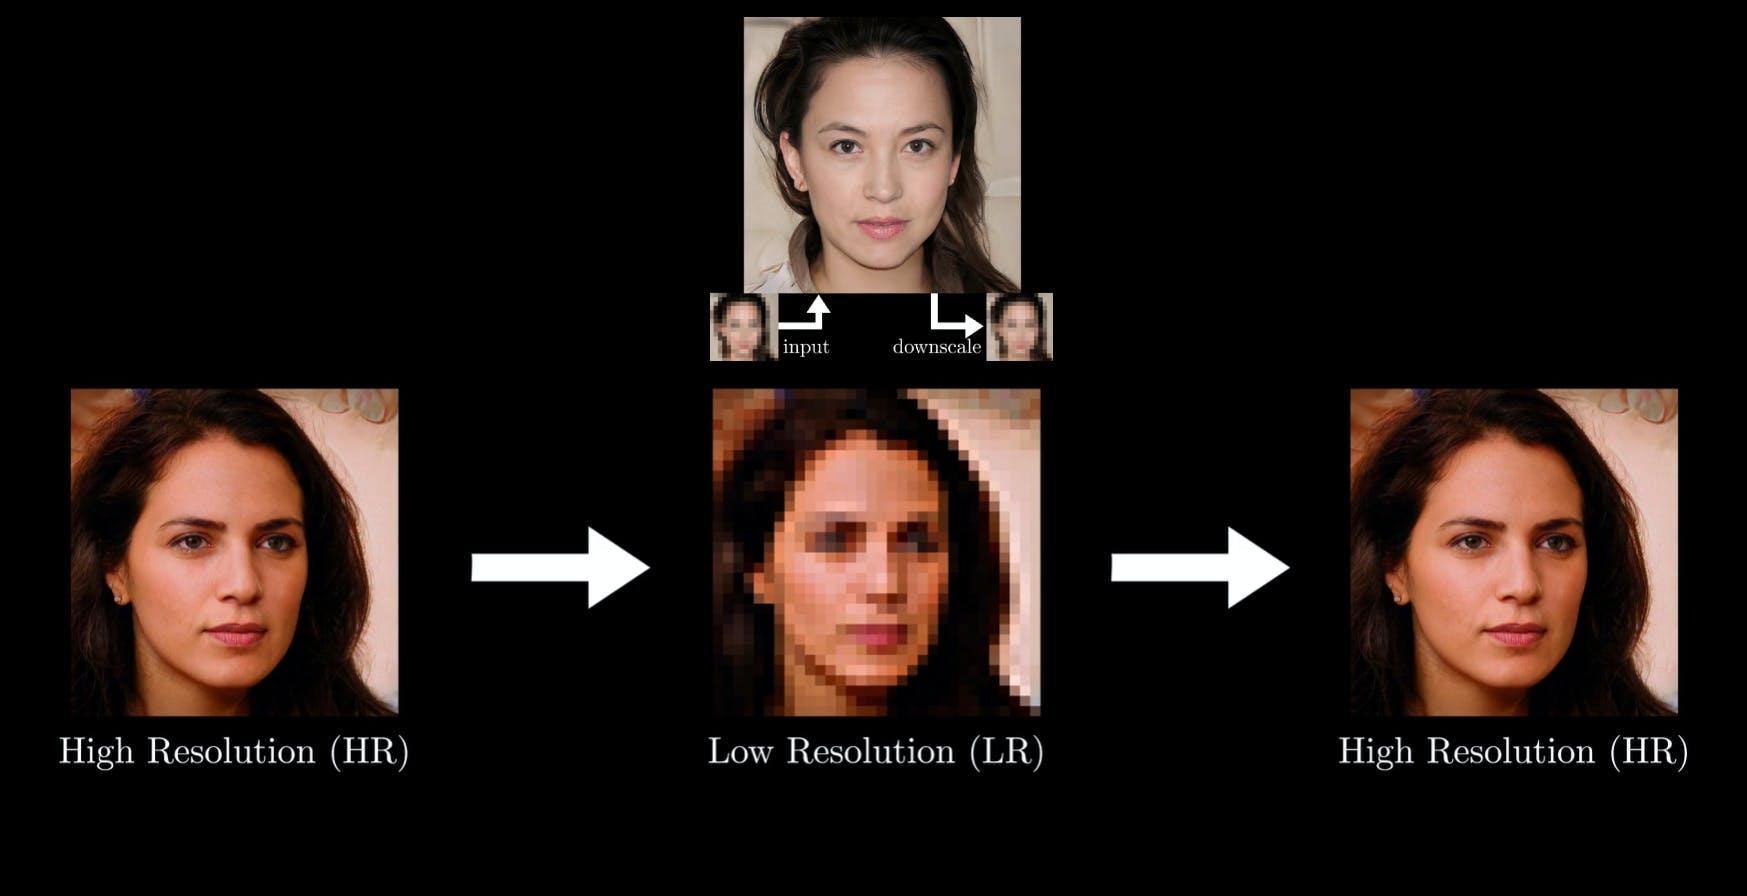 Trasformare immagini sfocate in volti in alta risoluzione: miracoli delle reti antagoniste